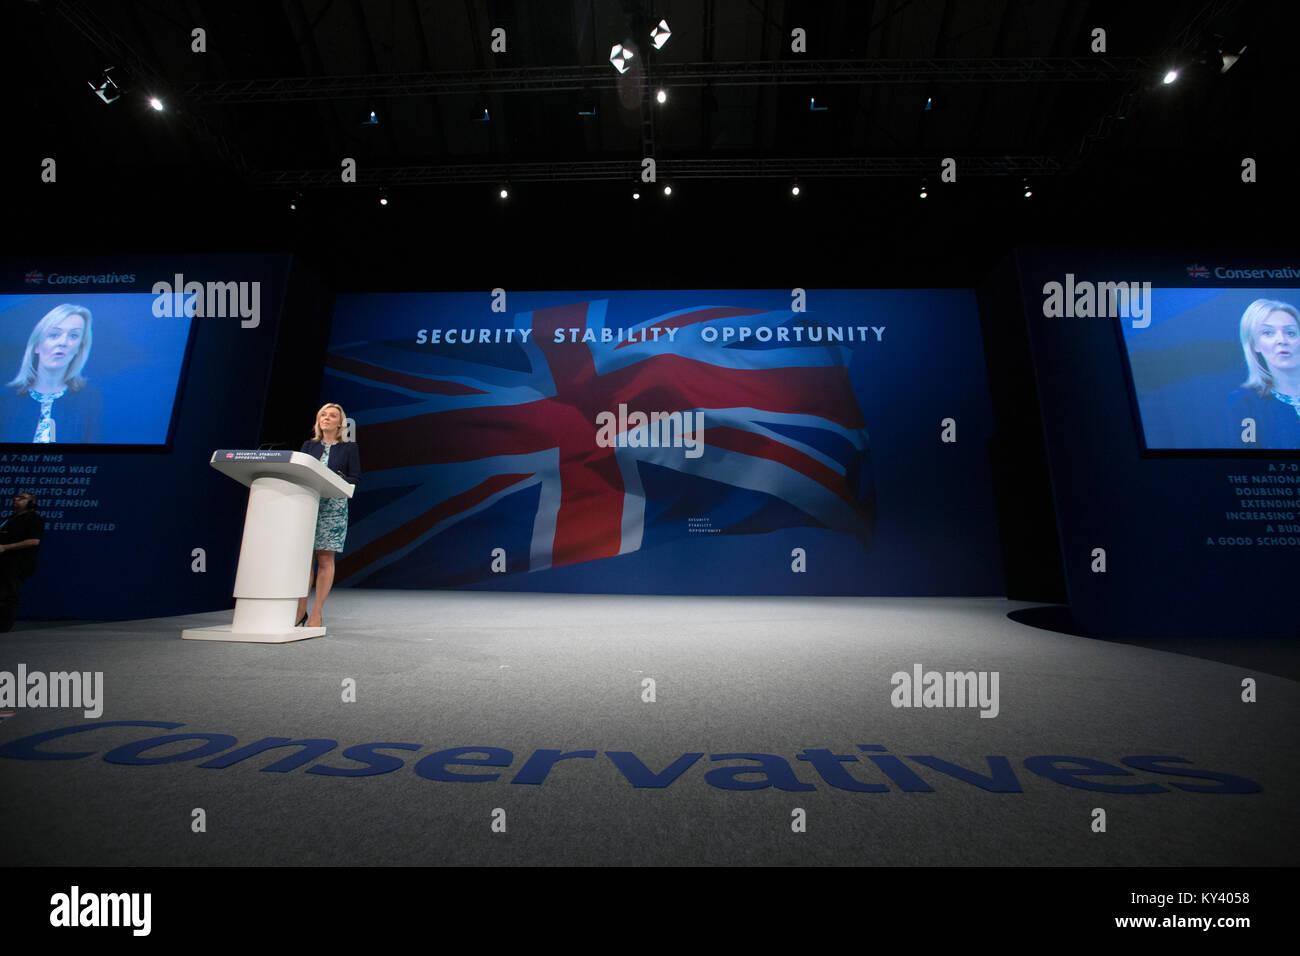 Die 2015 Konservative Partei jährlichen Konferenz in Manchester, England. Stockbild